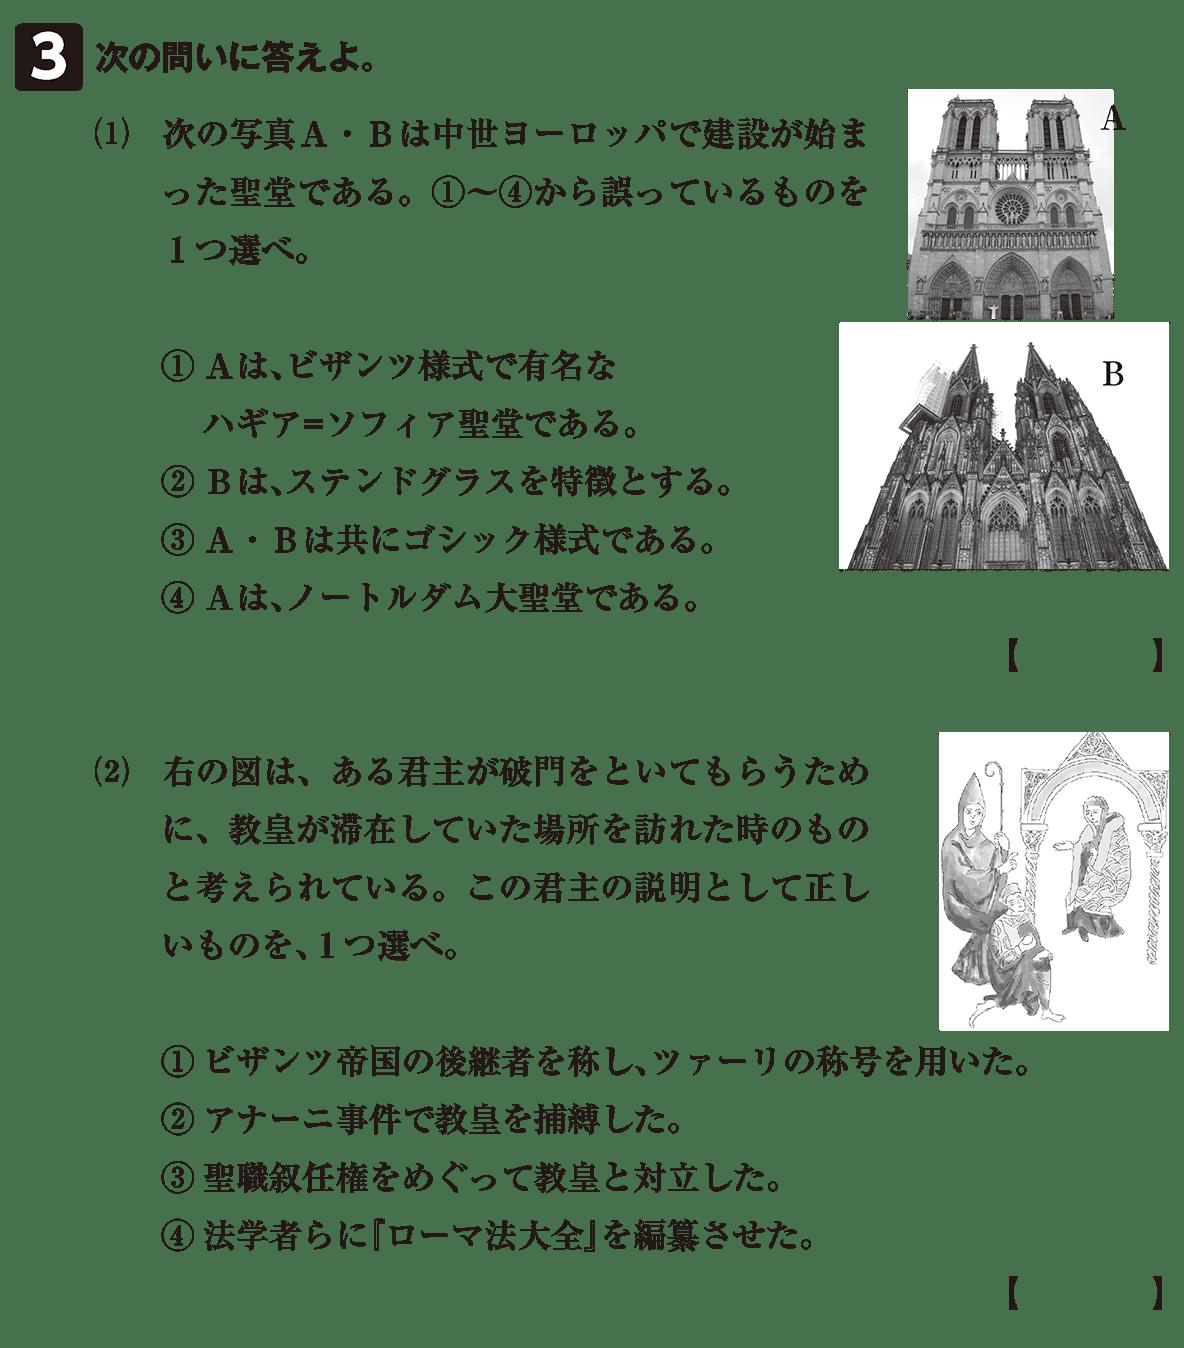 高校世界史 中世ヨーロッパ世界の各国史8 確認テスト(後半)問題3